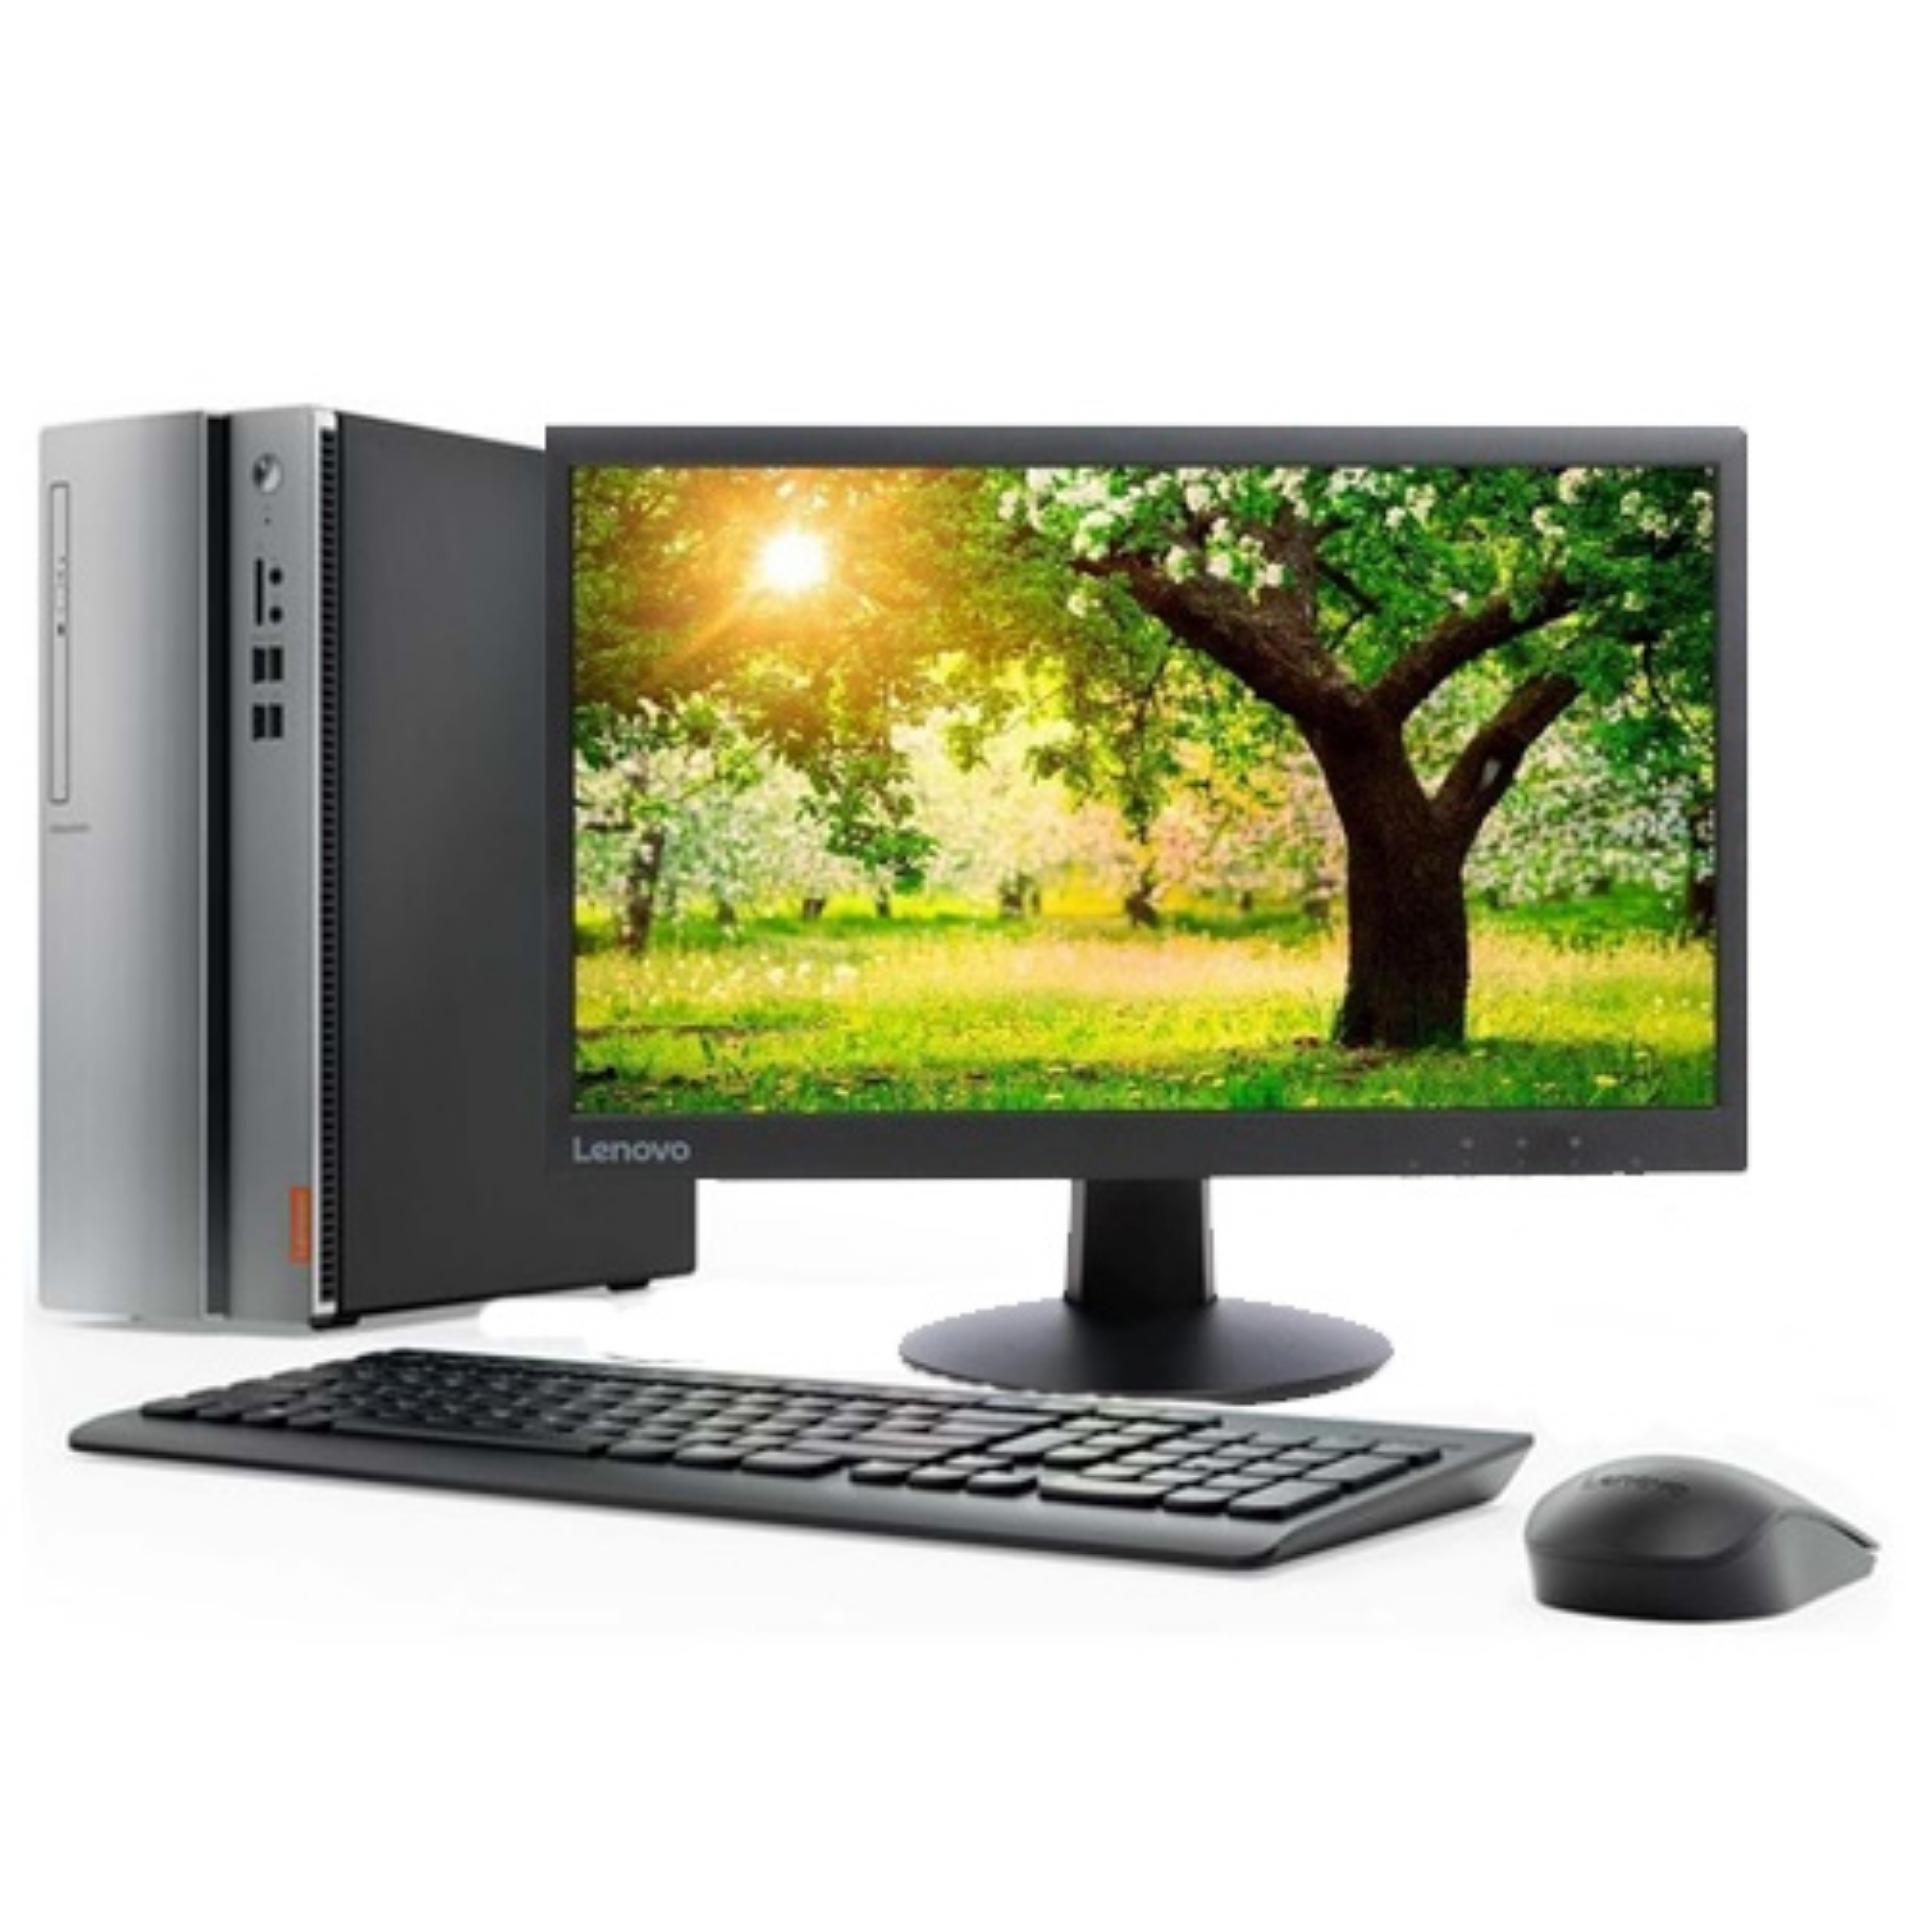 Lenovo Pc Ideacentre 300s 11ibr 69id Intel Celeron J6030 2gb Ram 195 Ideapad 310s N3350 500gb 116 Hitam Ideacenter 510 15ikl K1id Ci5 7400 4gb Ddr4 2tb